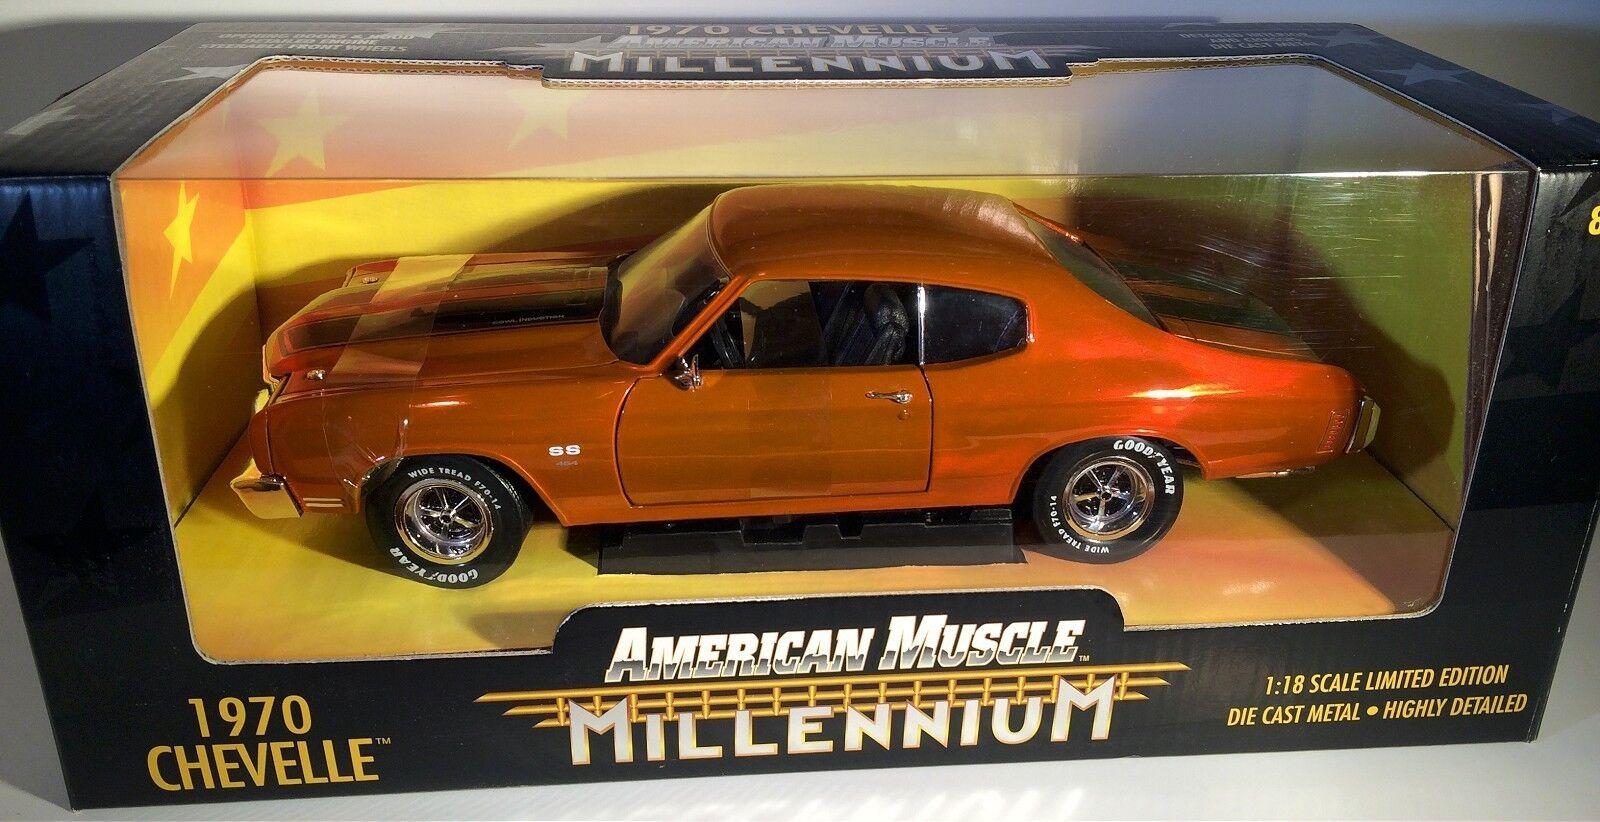 alta calidad y envío rápido Ertl 1 18 1970 Chevy Chevelle Milenio Naranja  32242 32242 32242 Sellado American Muscle 70  tomamos a los clientes como nuestro dios